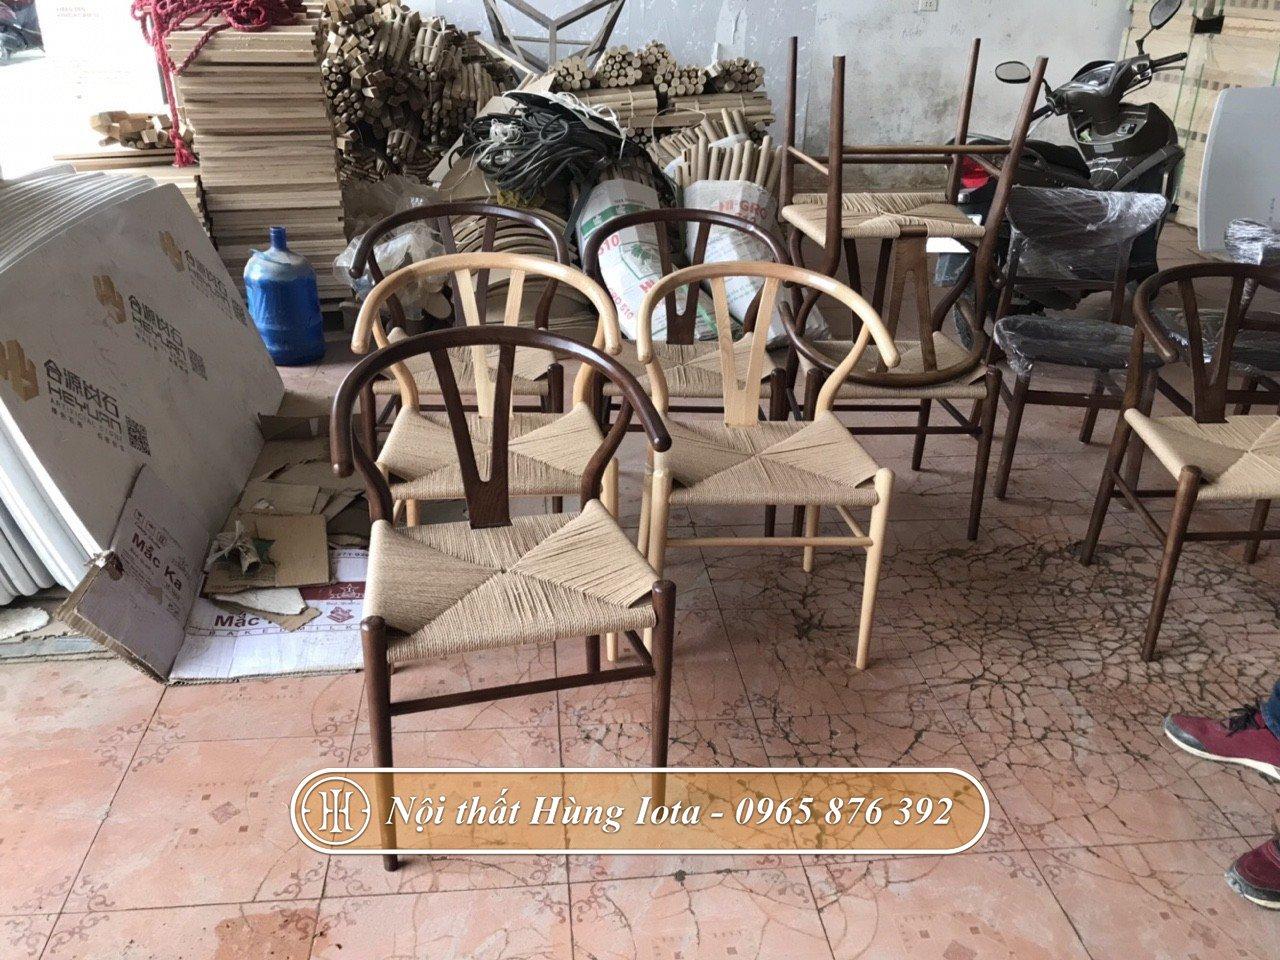 Ghế cafe decor giá rẻ trực tiếp tại xưởng